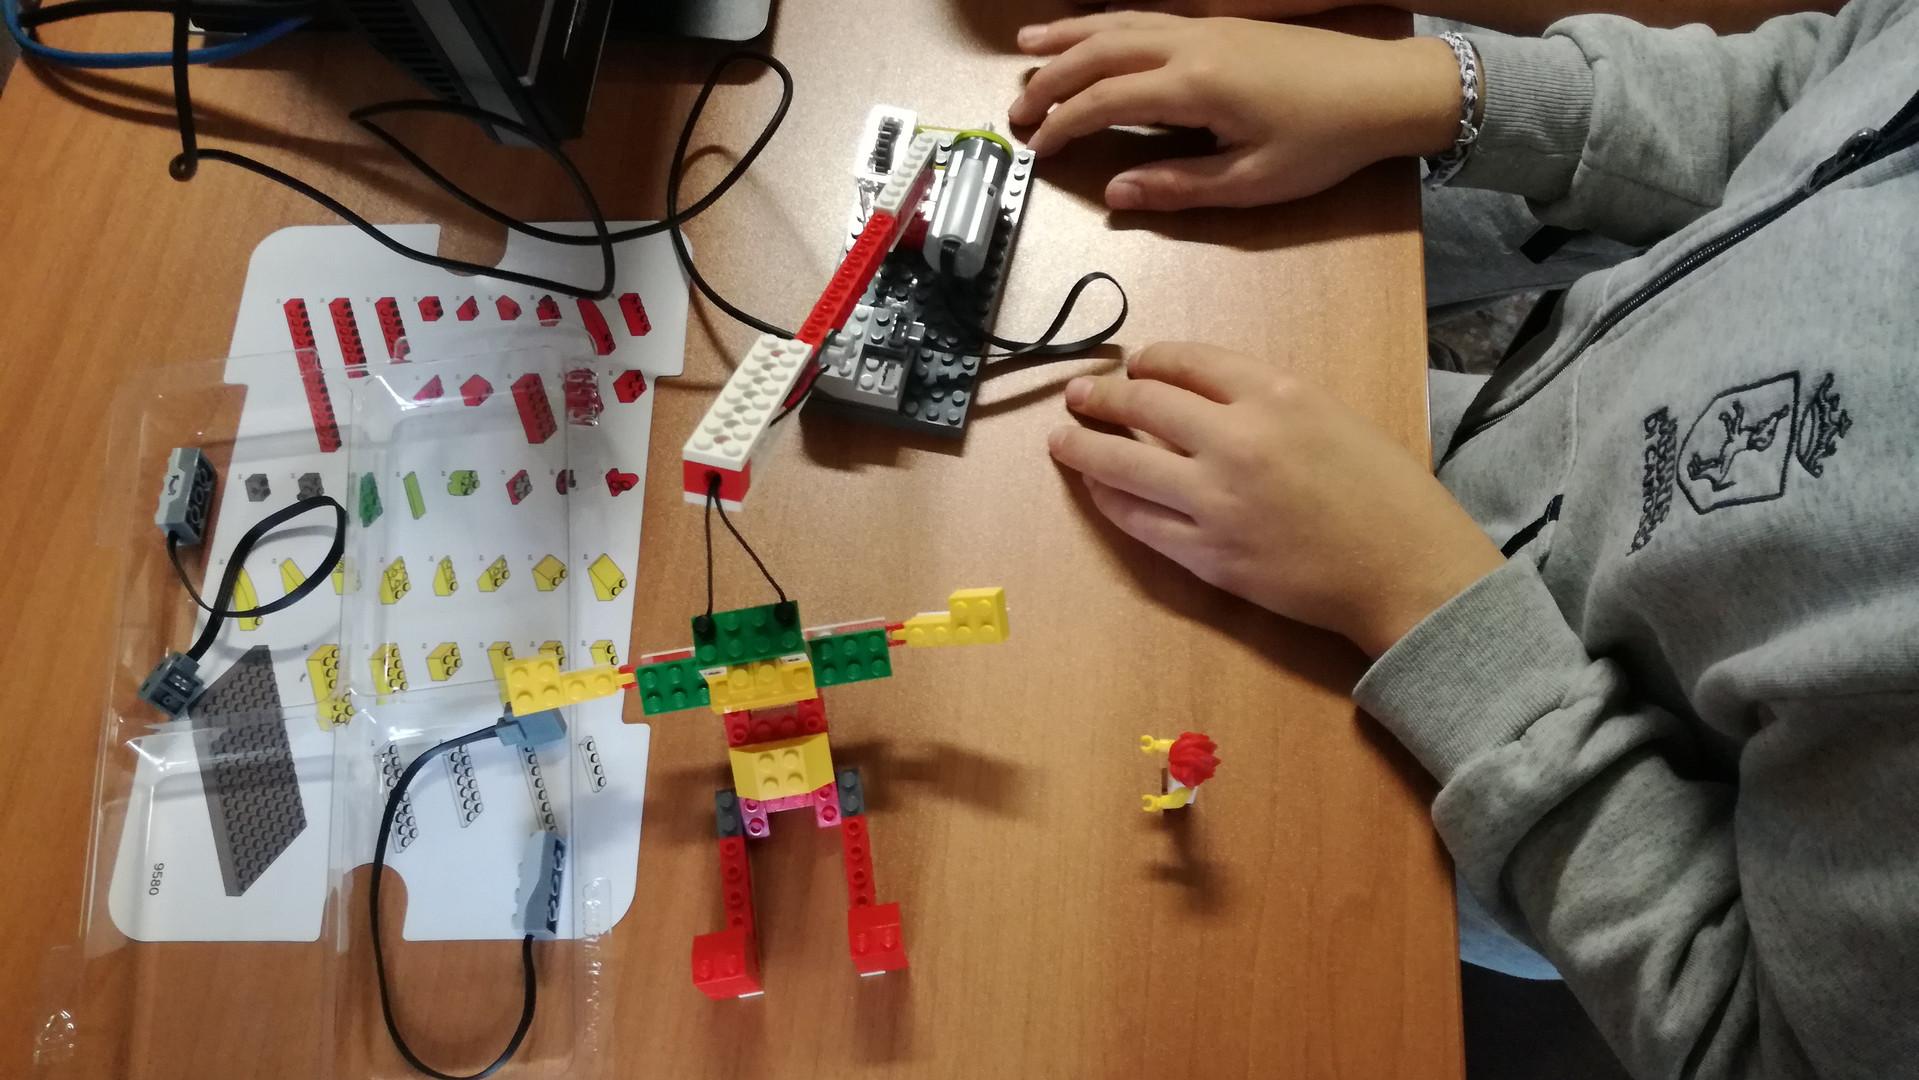 Lego WeDo_5.jpg